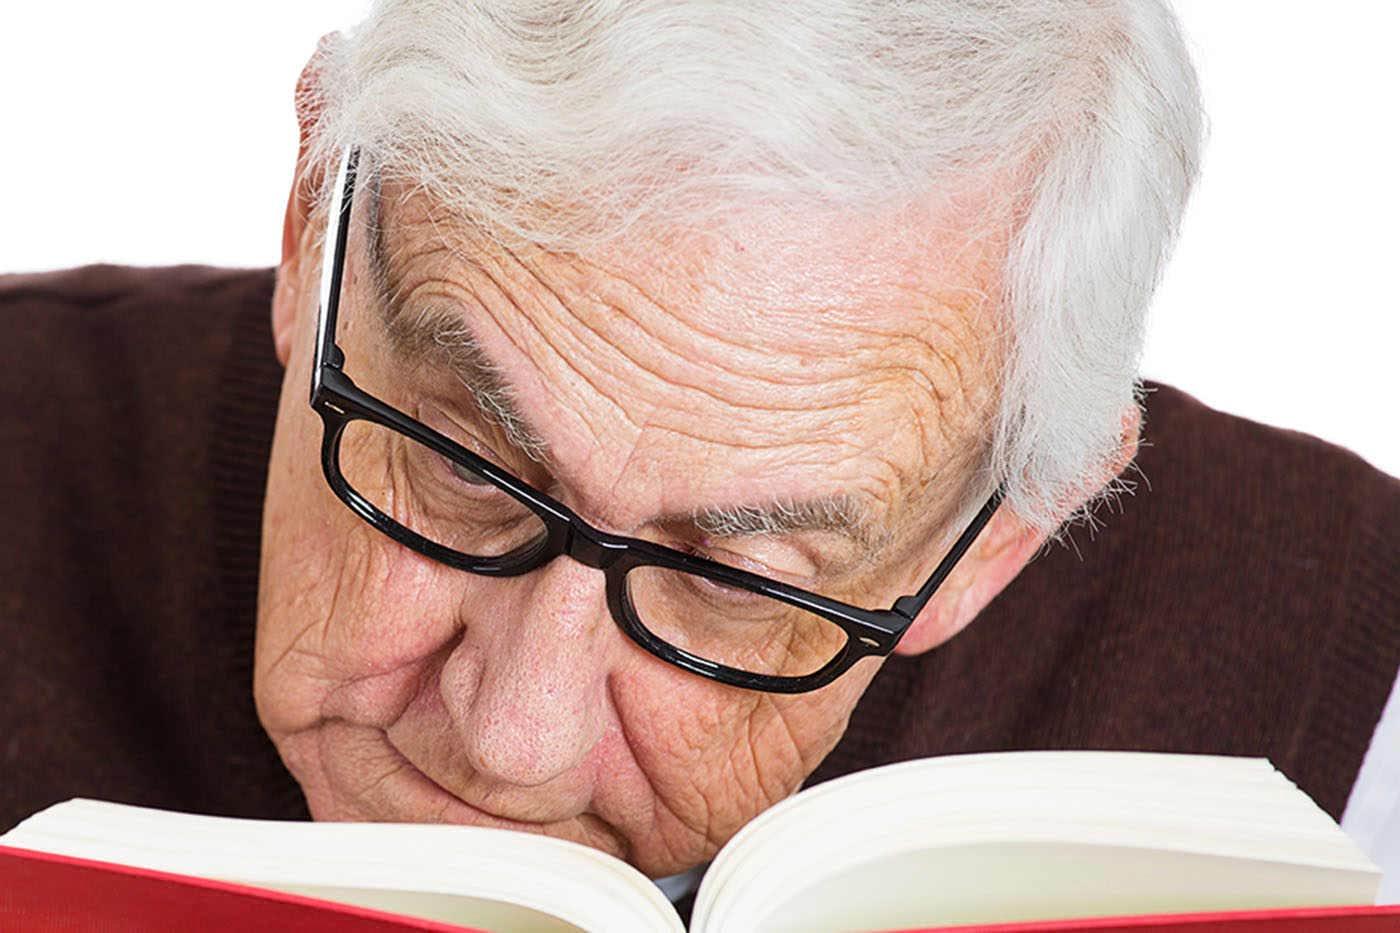 Cum poți preveni degenerescența maculară?